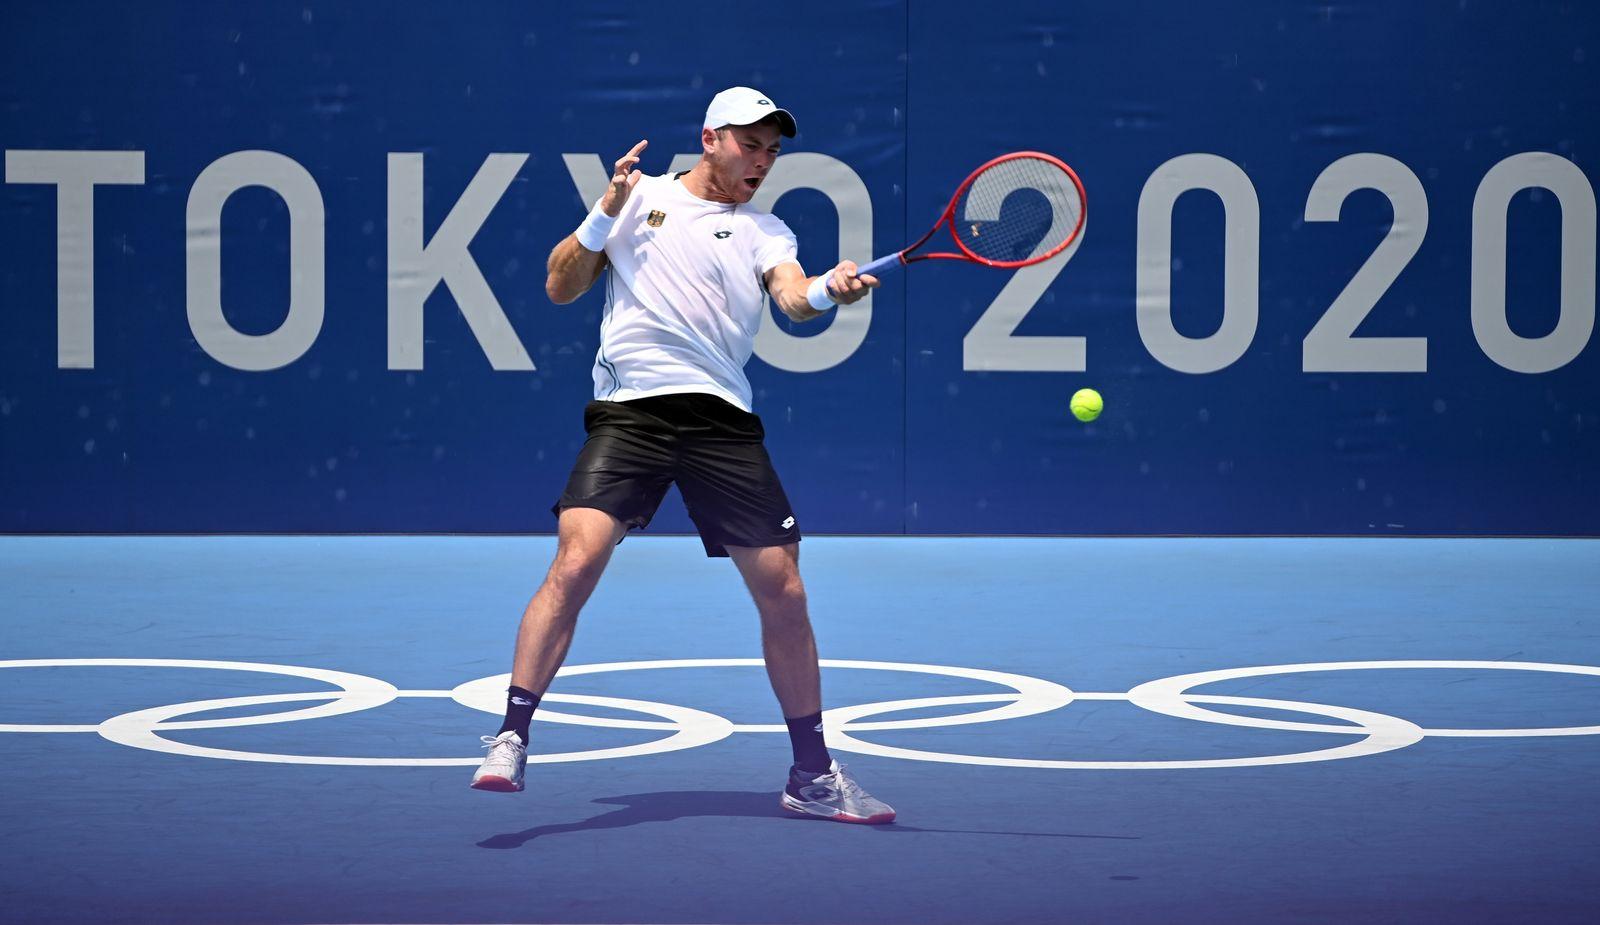 Tokio 2020 - Tennis